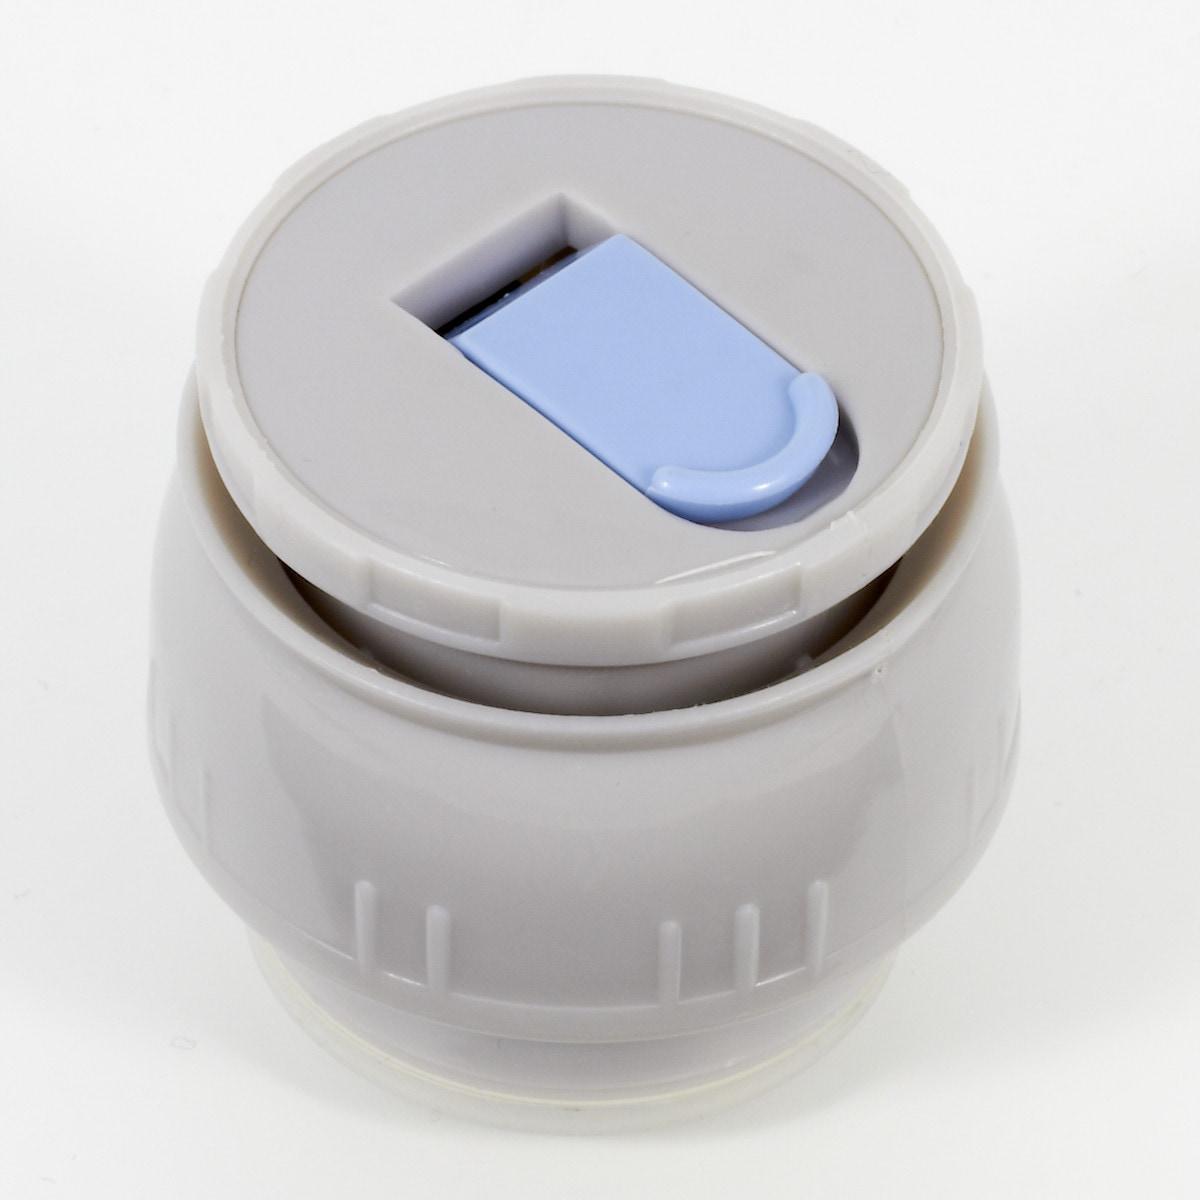 Automatkork